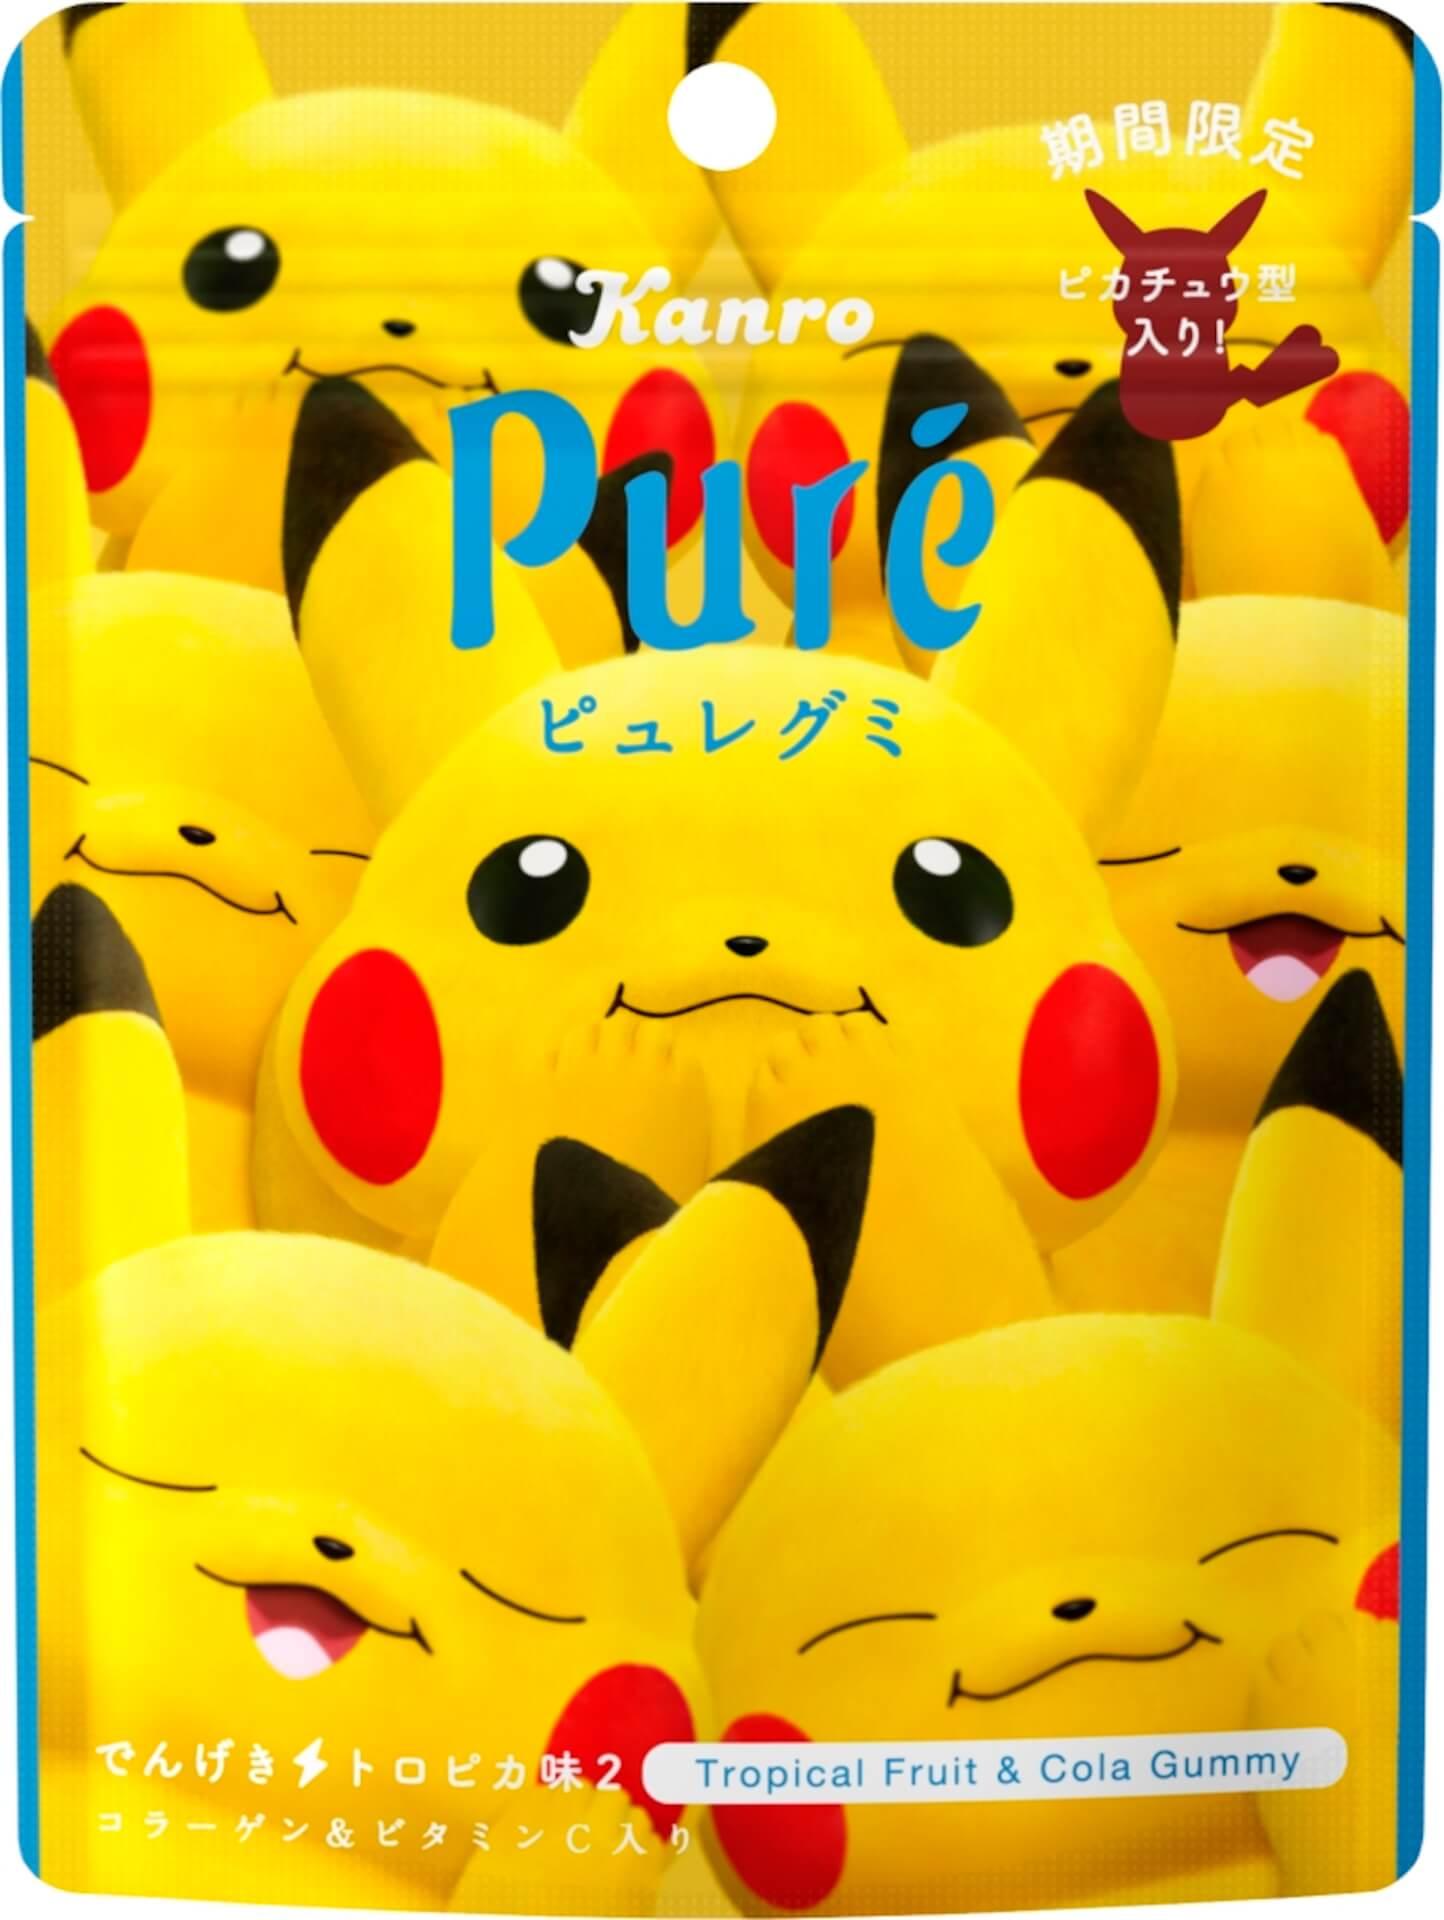 超キュートなピカチュウのグミがたくさん!大好評の「ピカチュウ ピュレグミ」第2弾が数量限定発売 gourmet200714_pure_pikachu_6